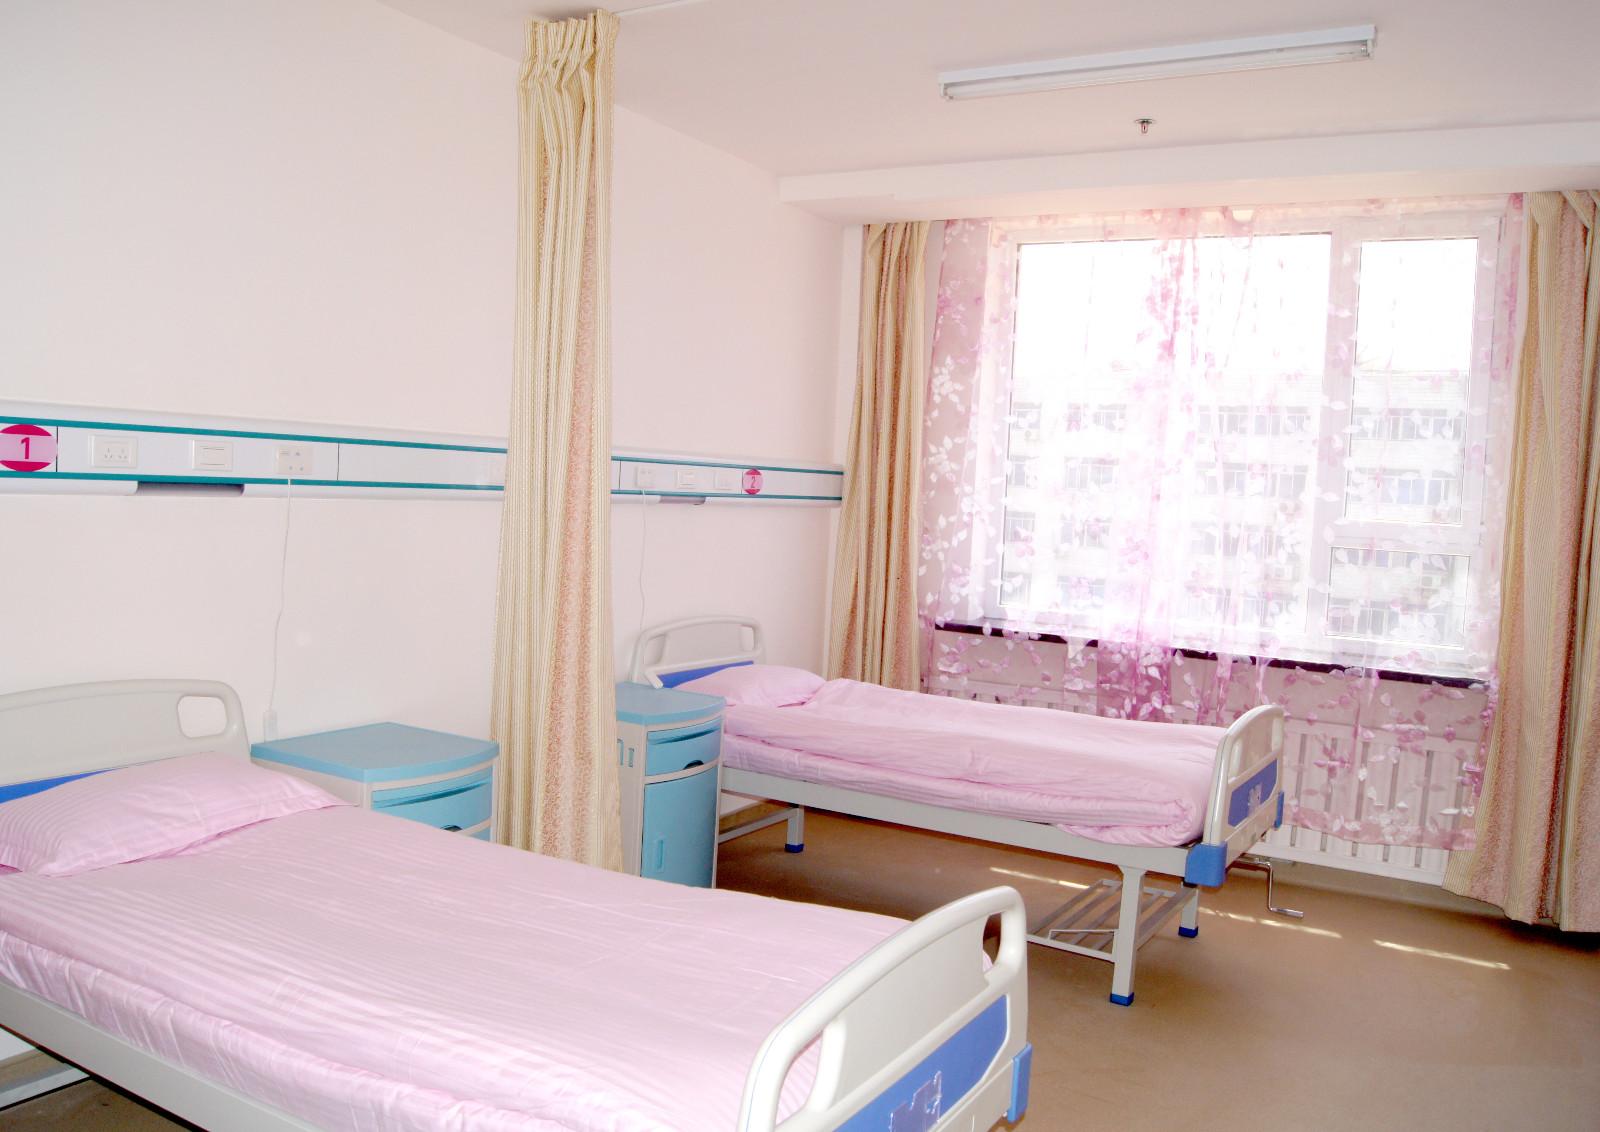 病房环境.jpg